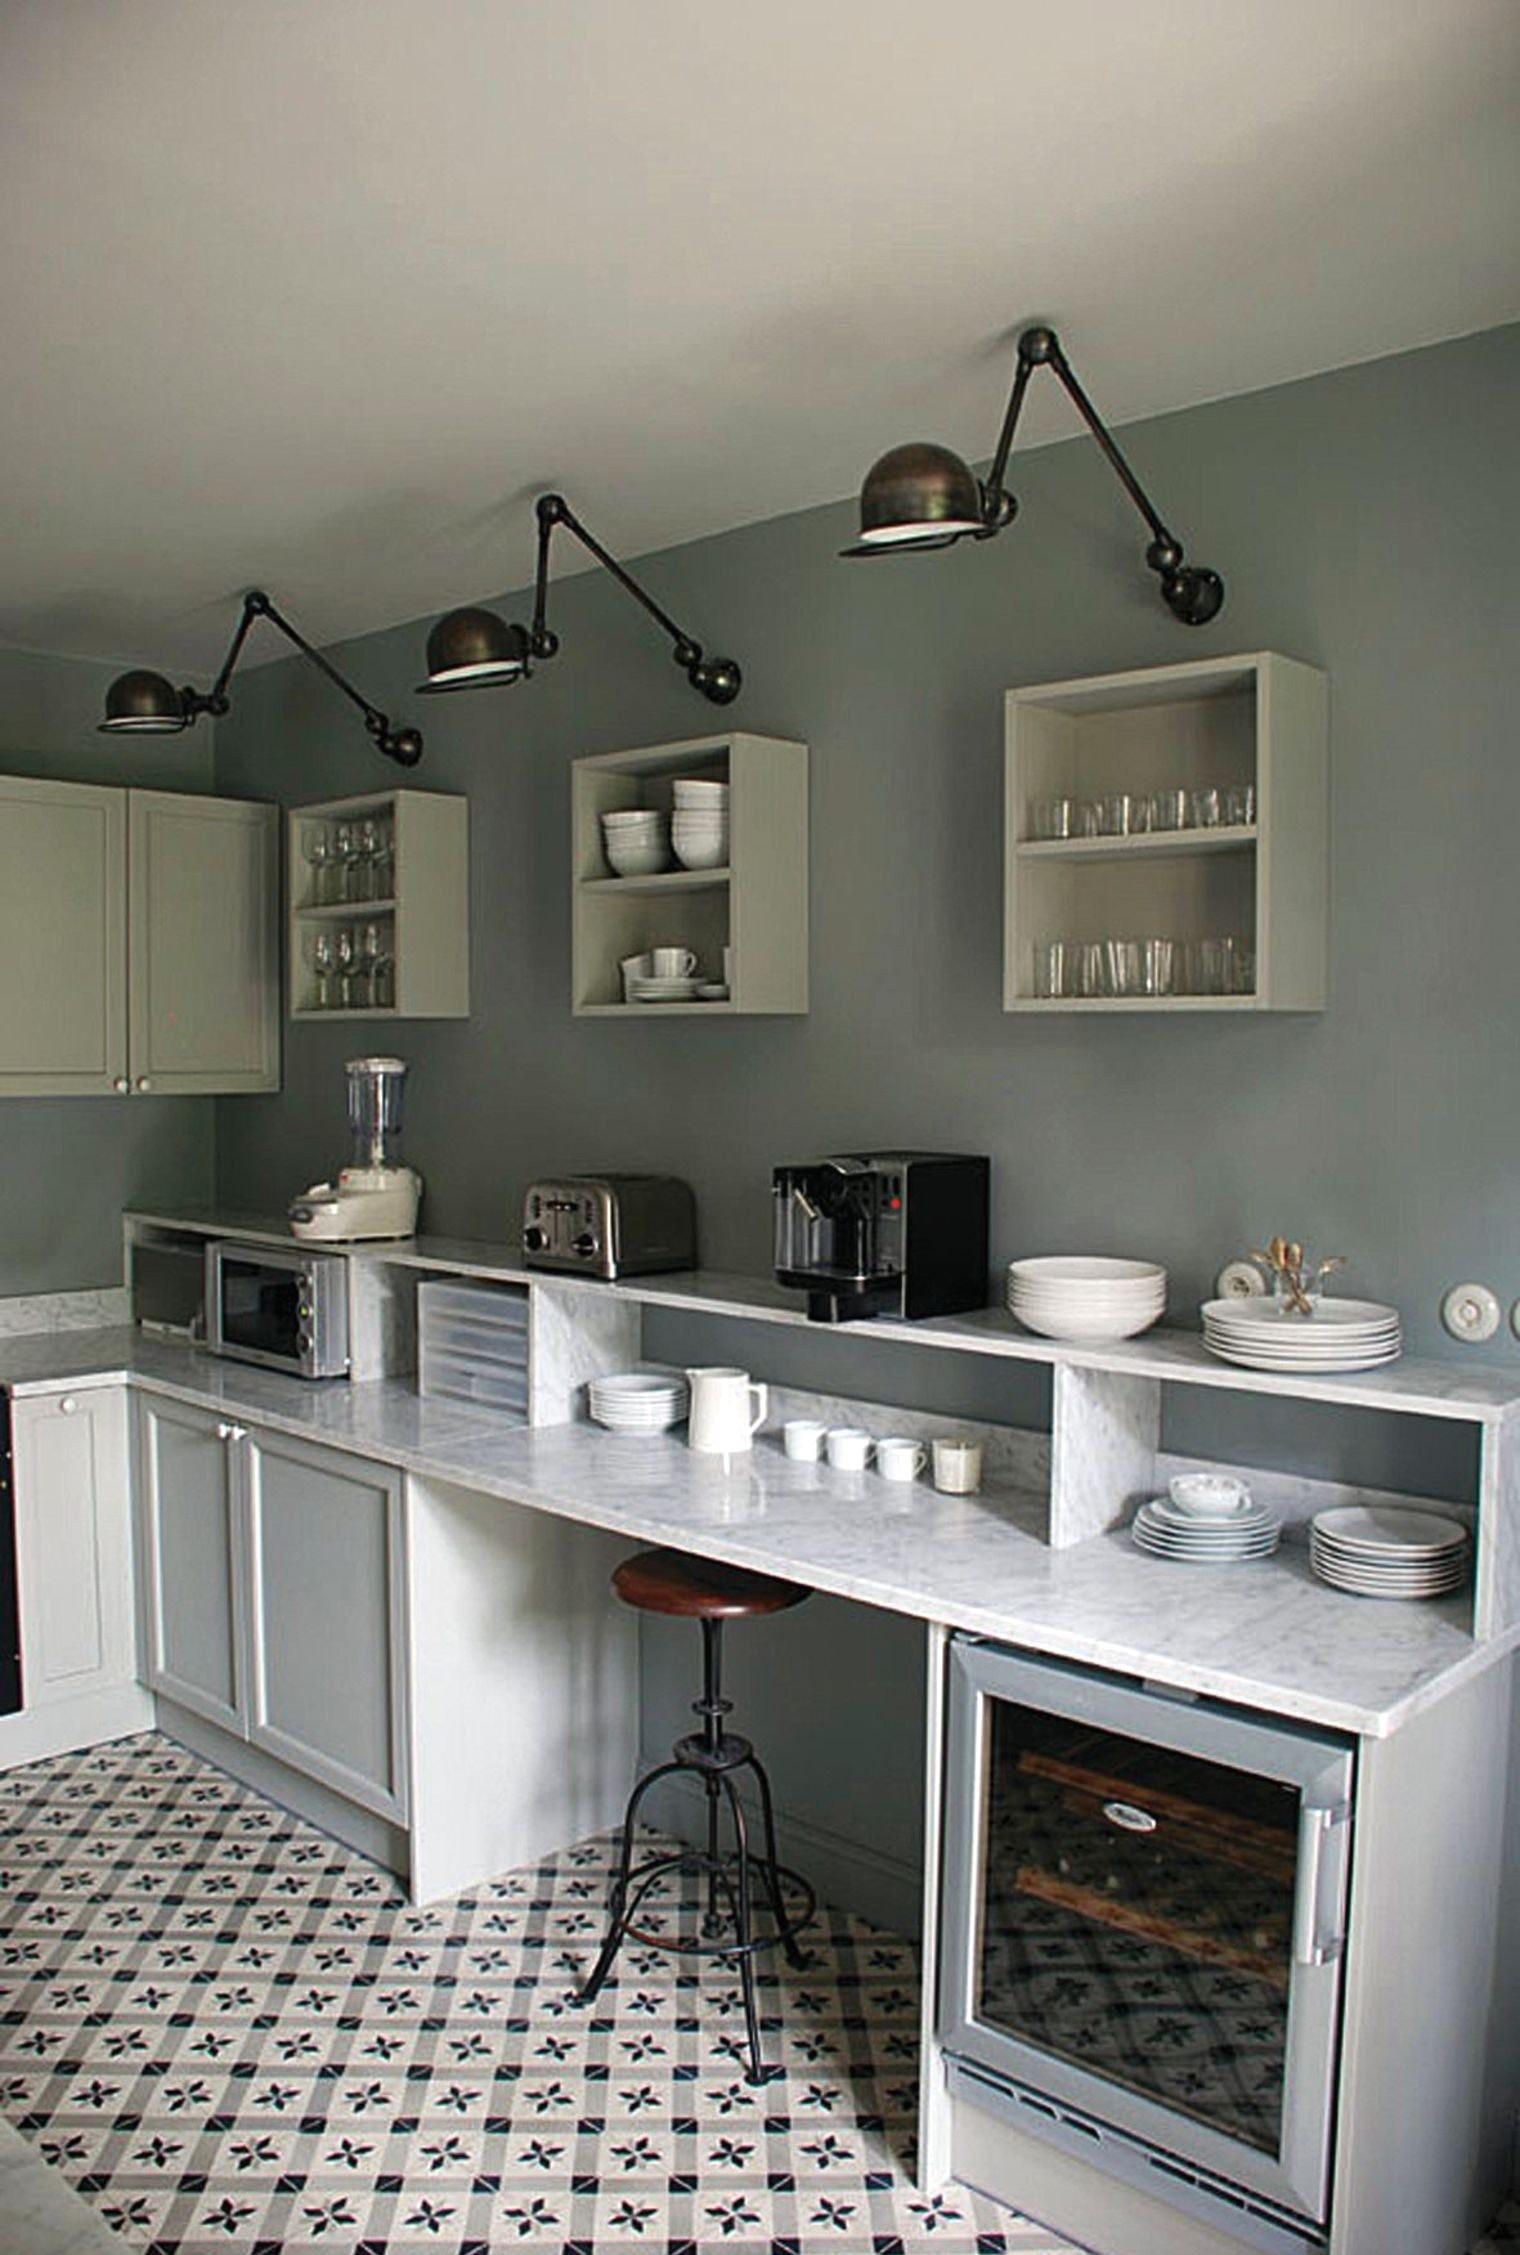 Дизайн кухни с барной стойкой мраморной